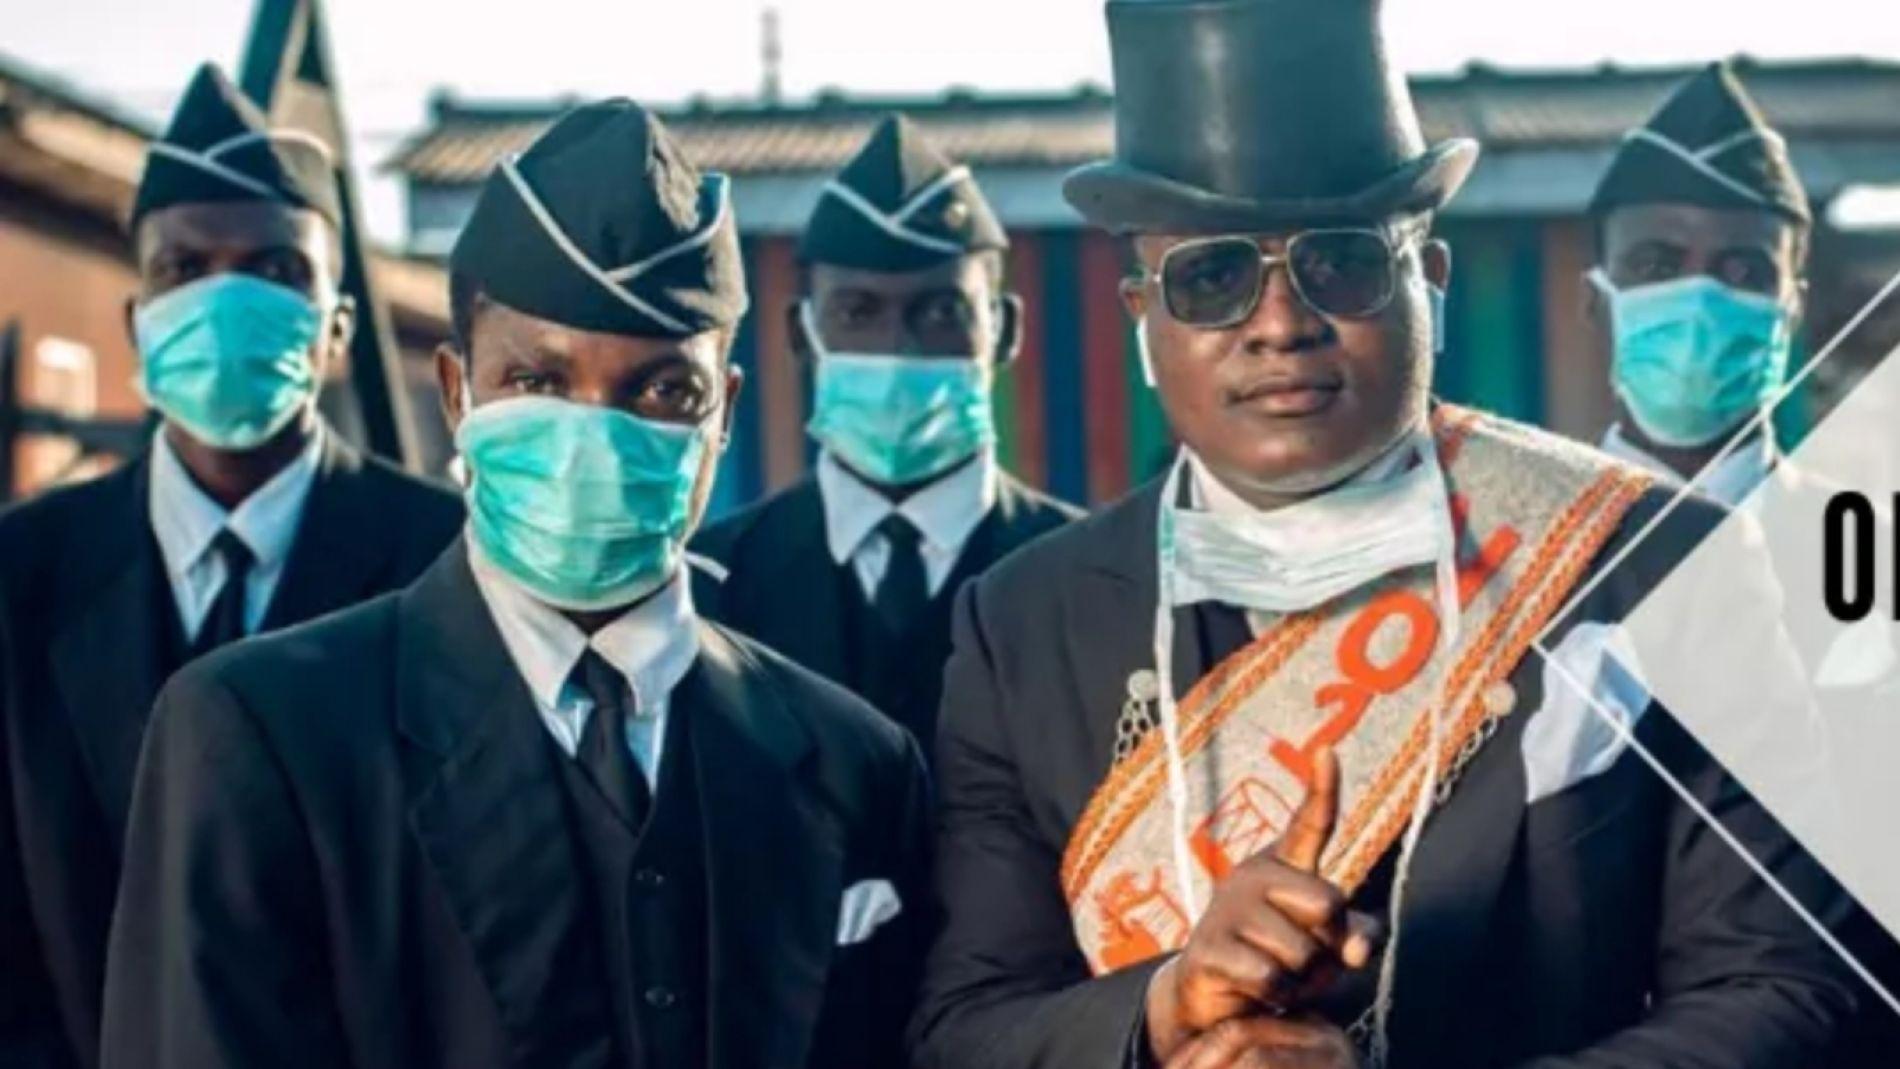 Los porteadores del #CoffinDance